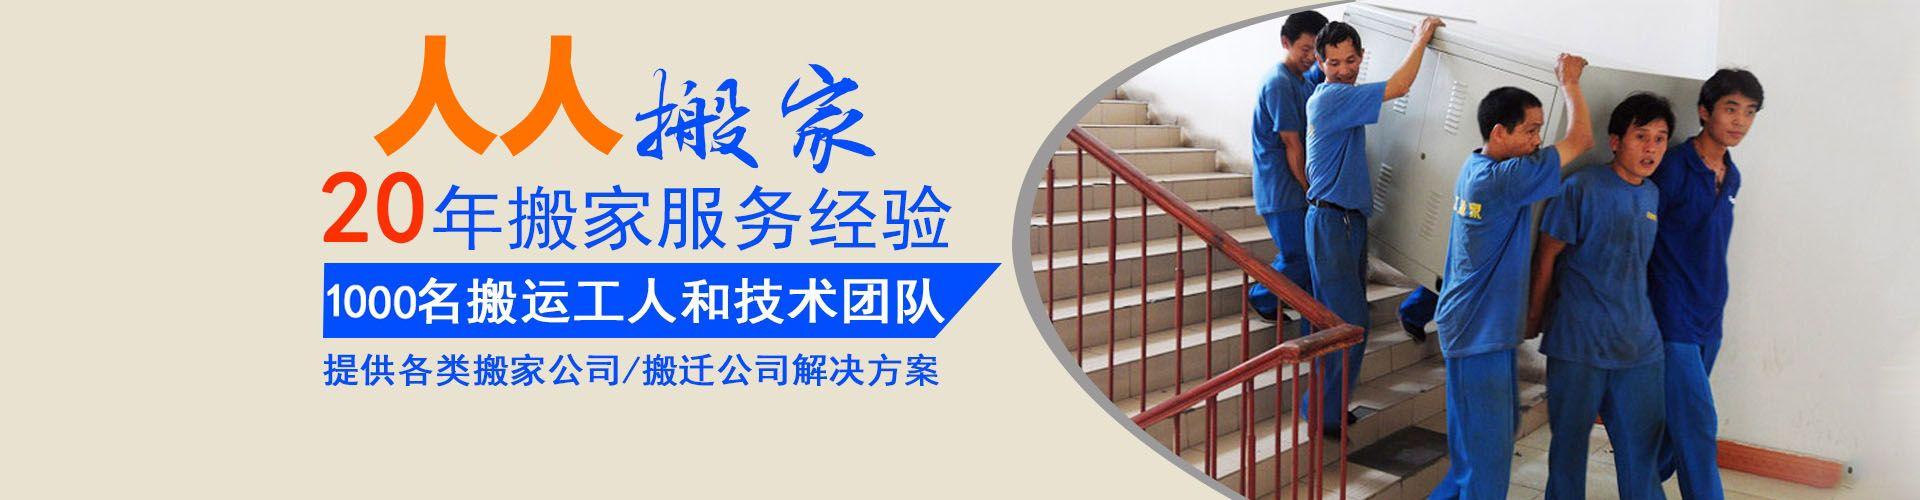 广州人人搬家公司搬家经验